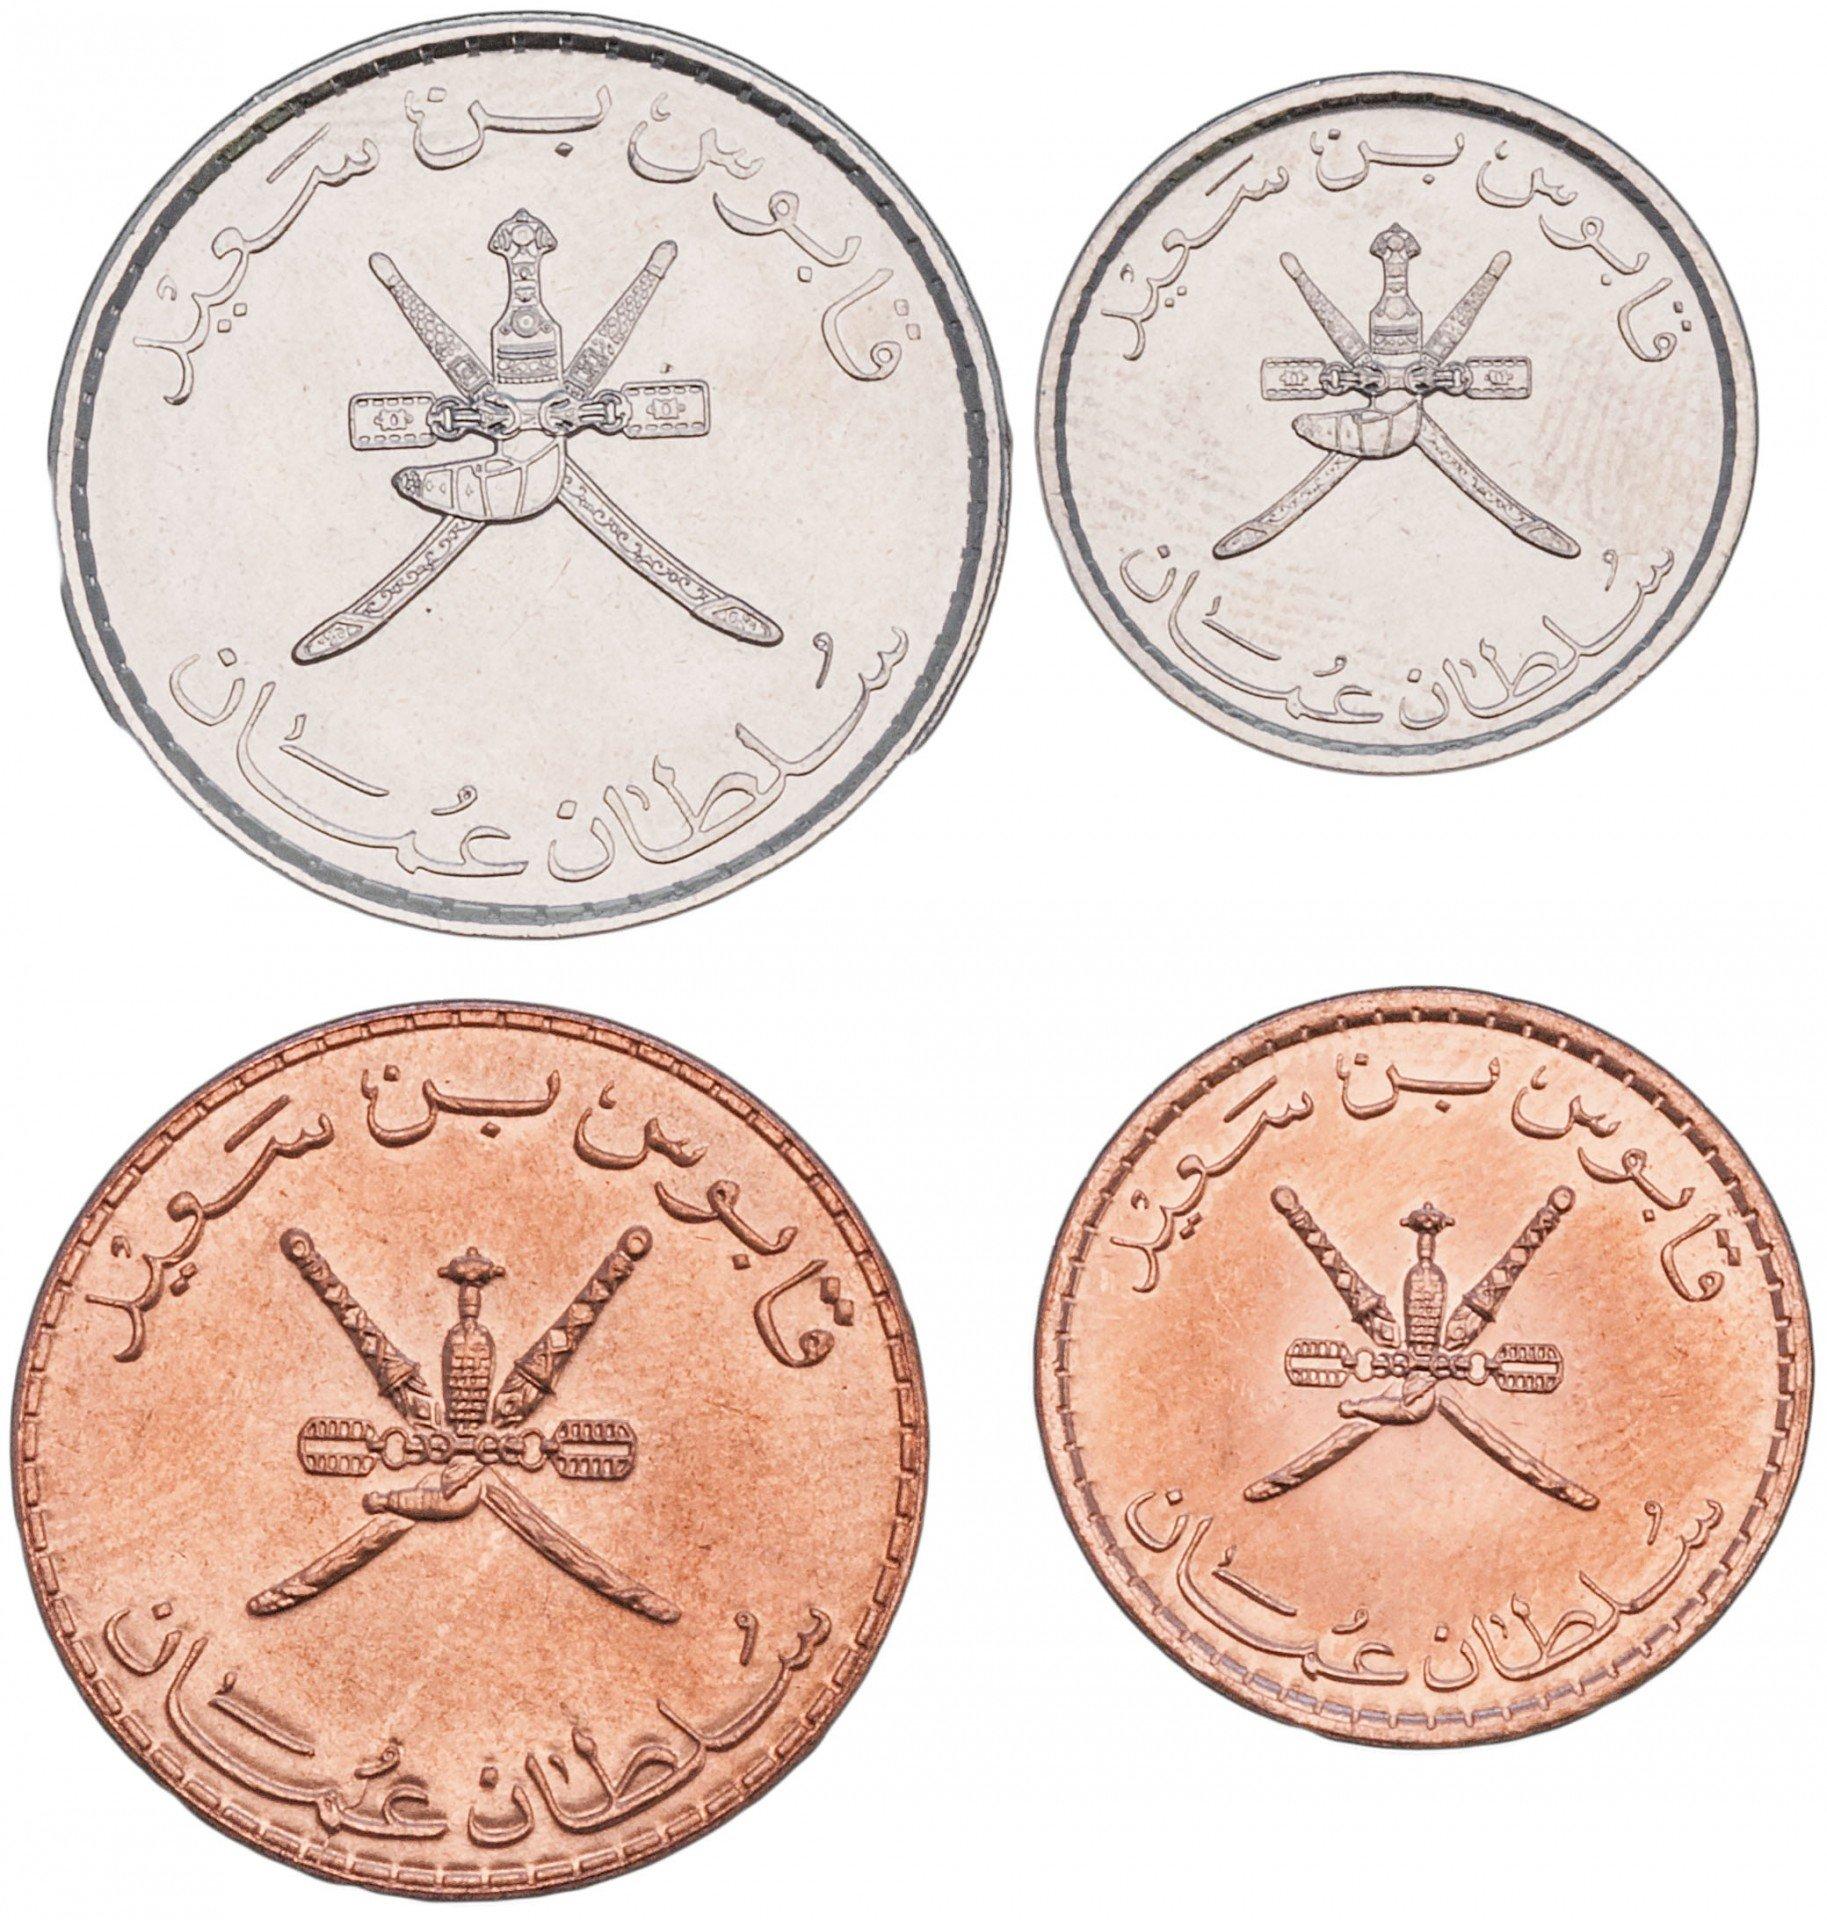 Монета армении 2005 года номер125 купить формат а5 купить